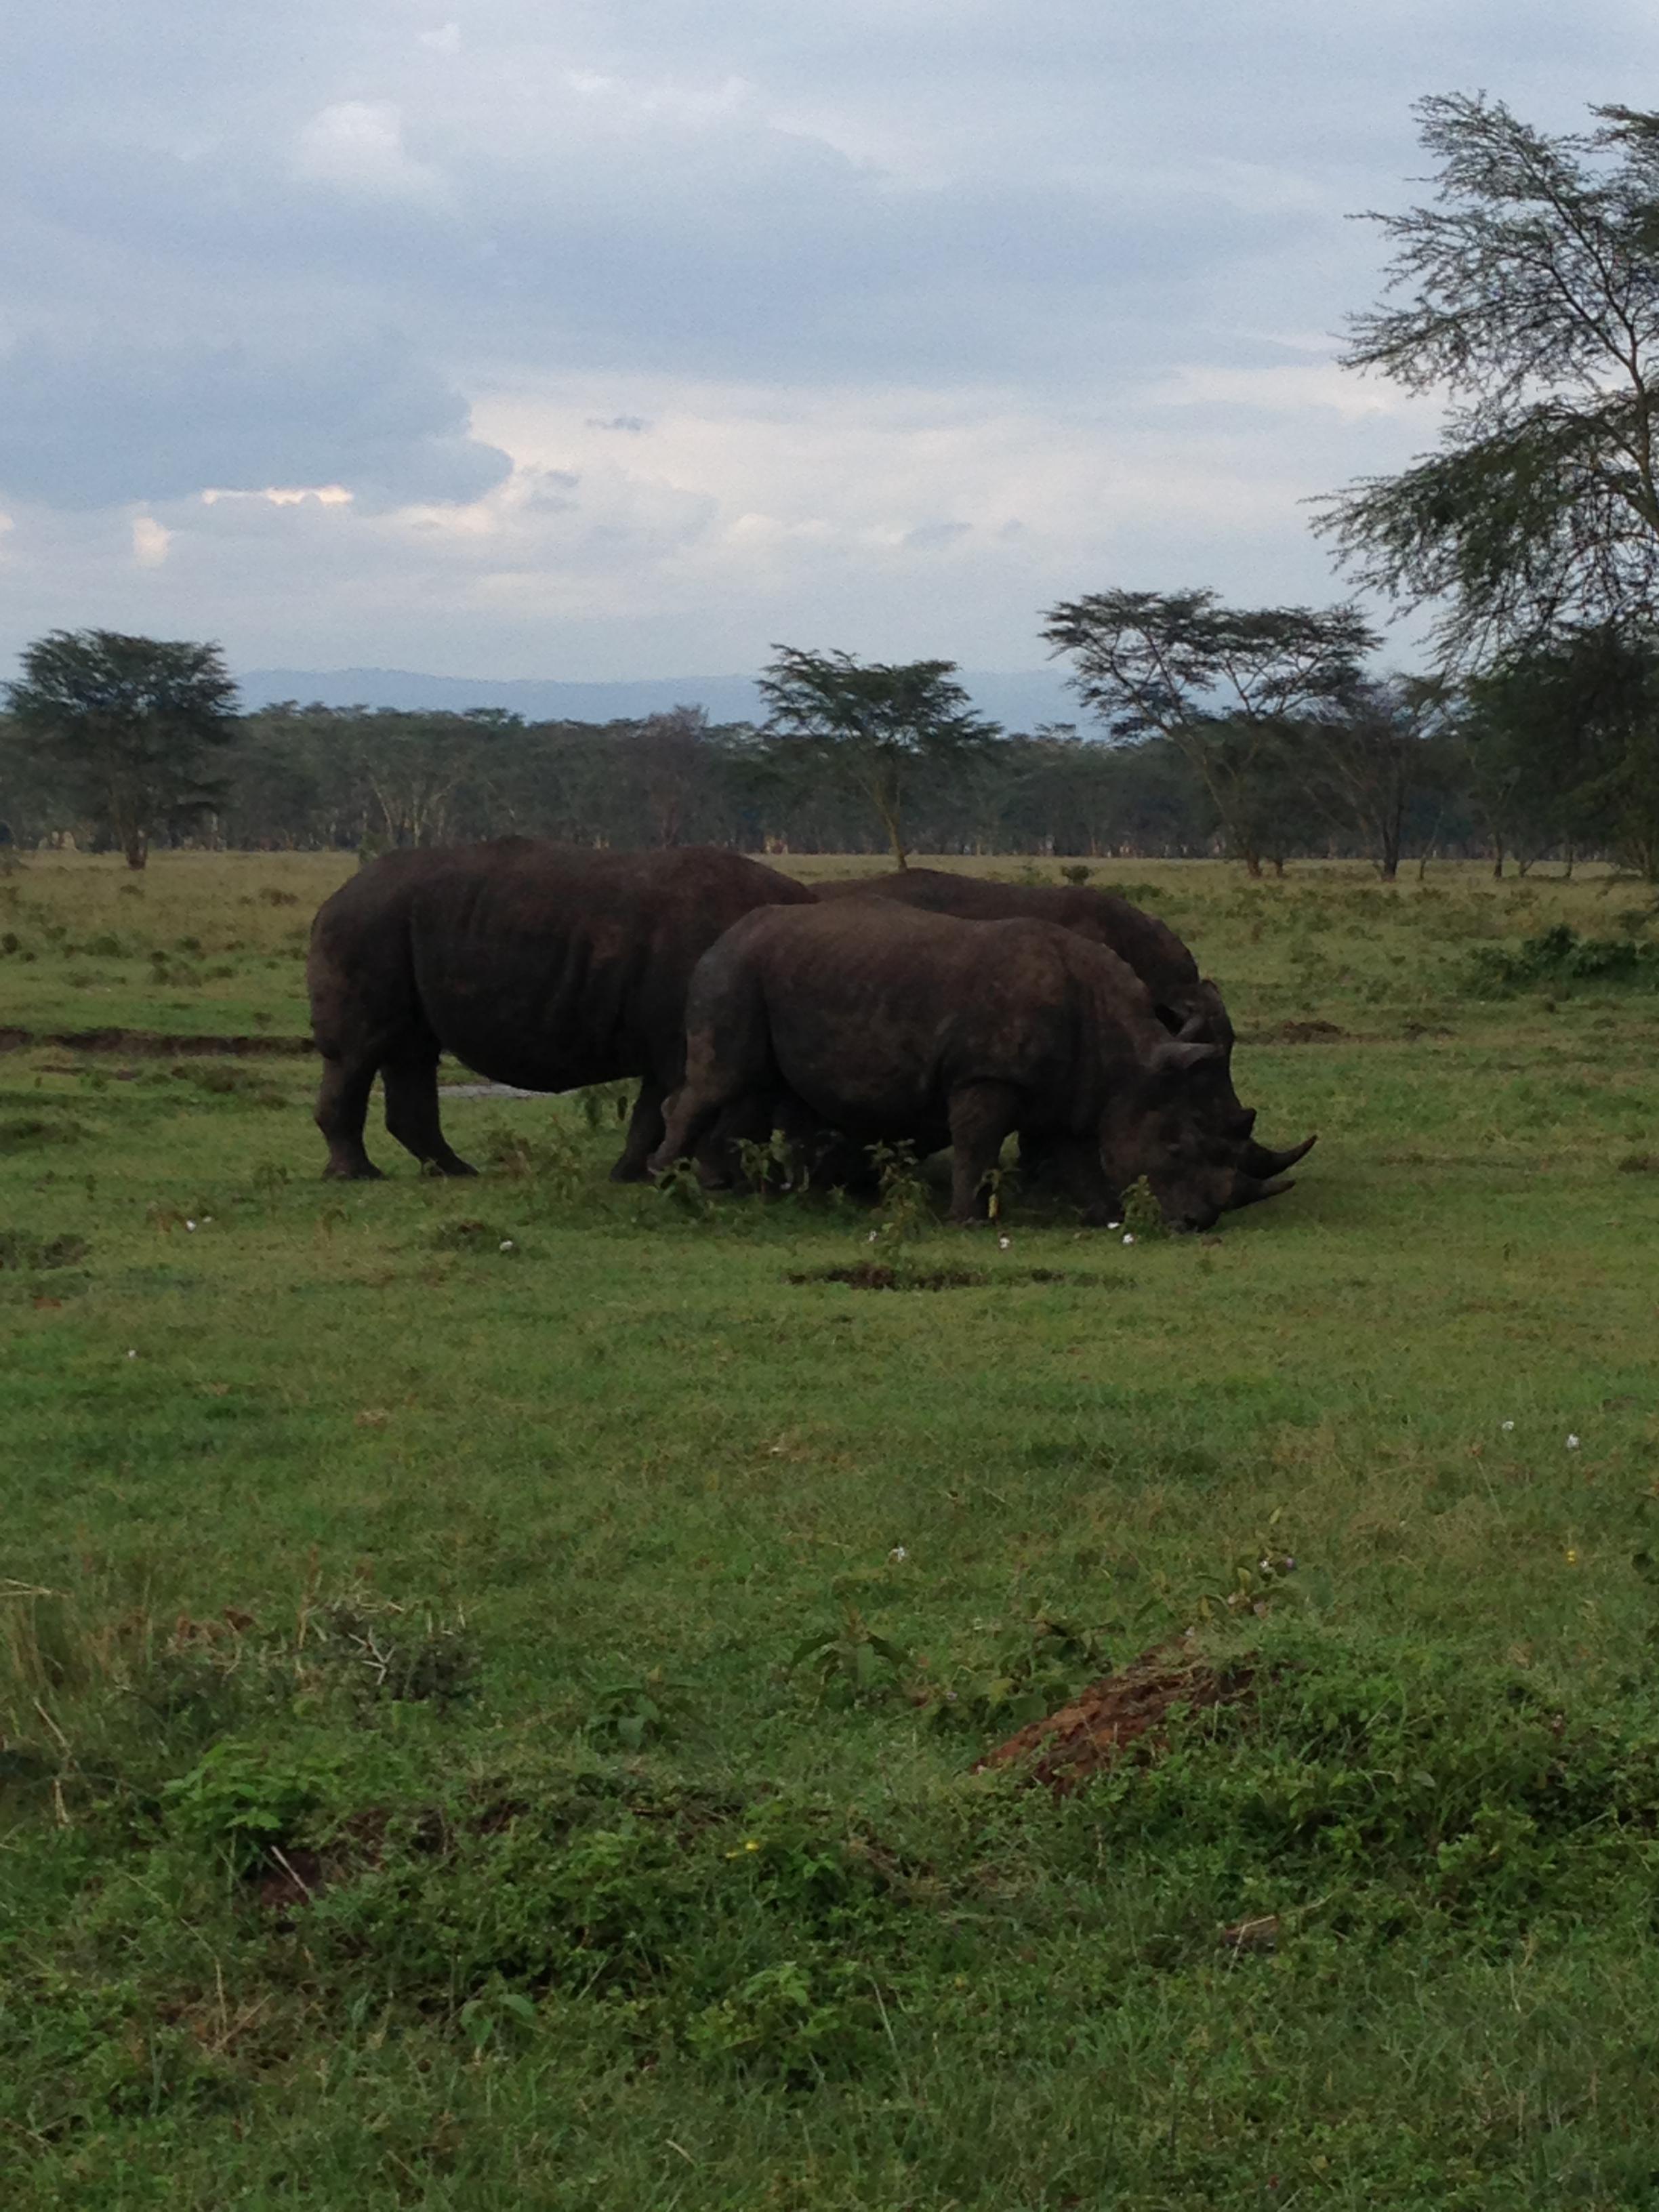 弱肉强食-非洲肯尼亚动物大迁徙